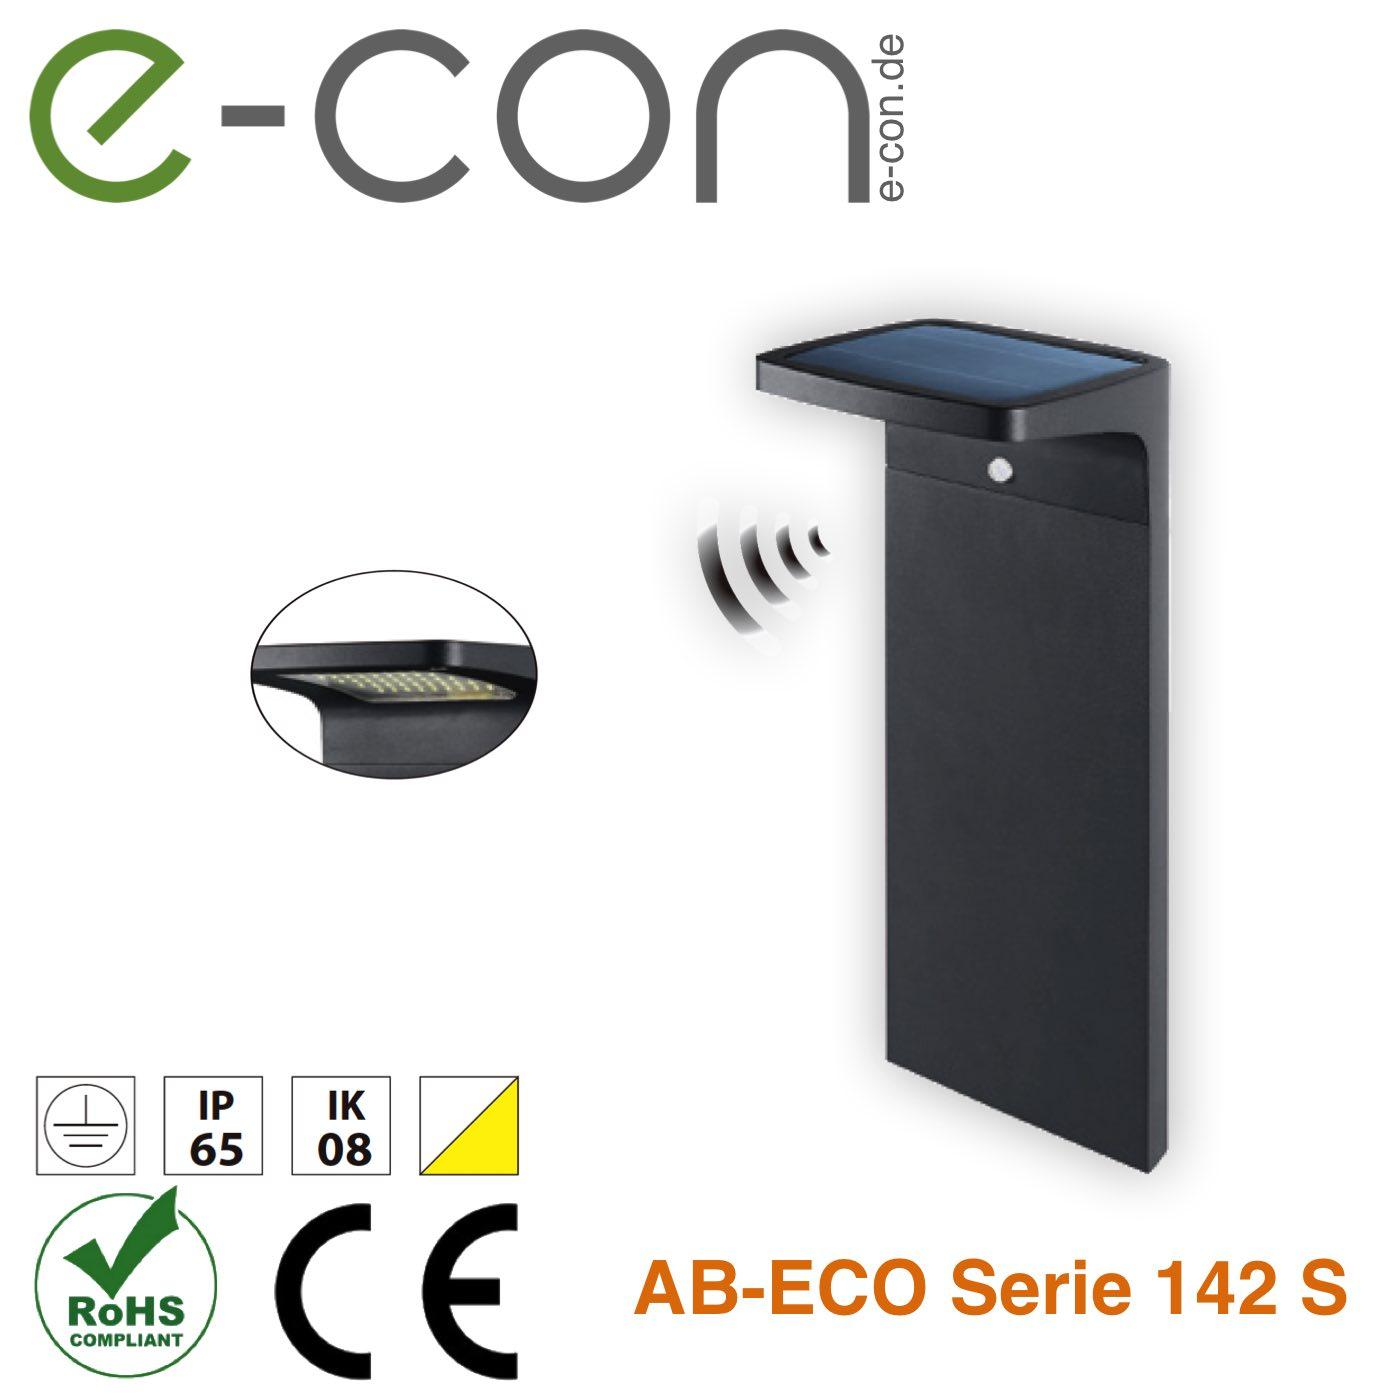 AB-ECO Serie 142S